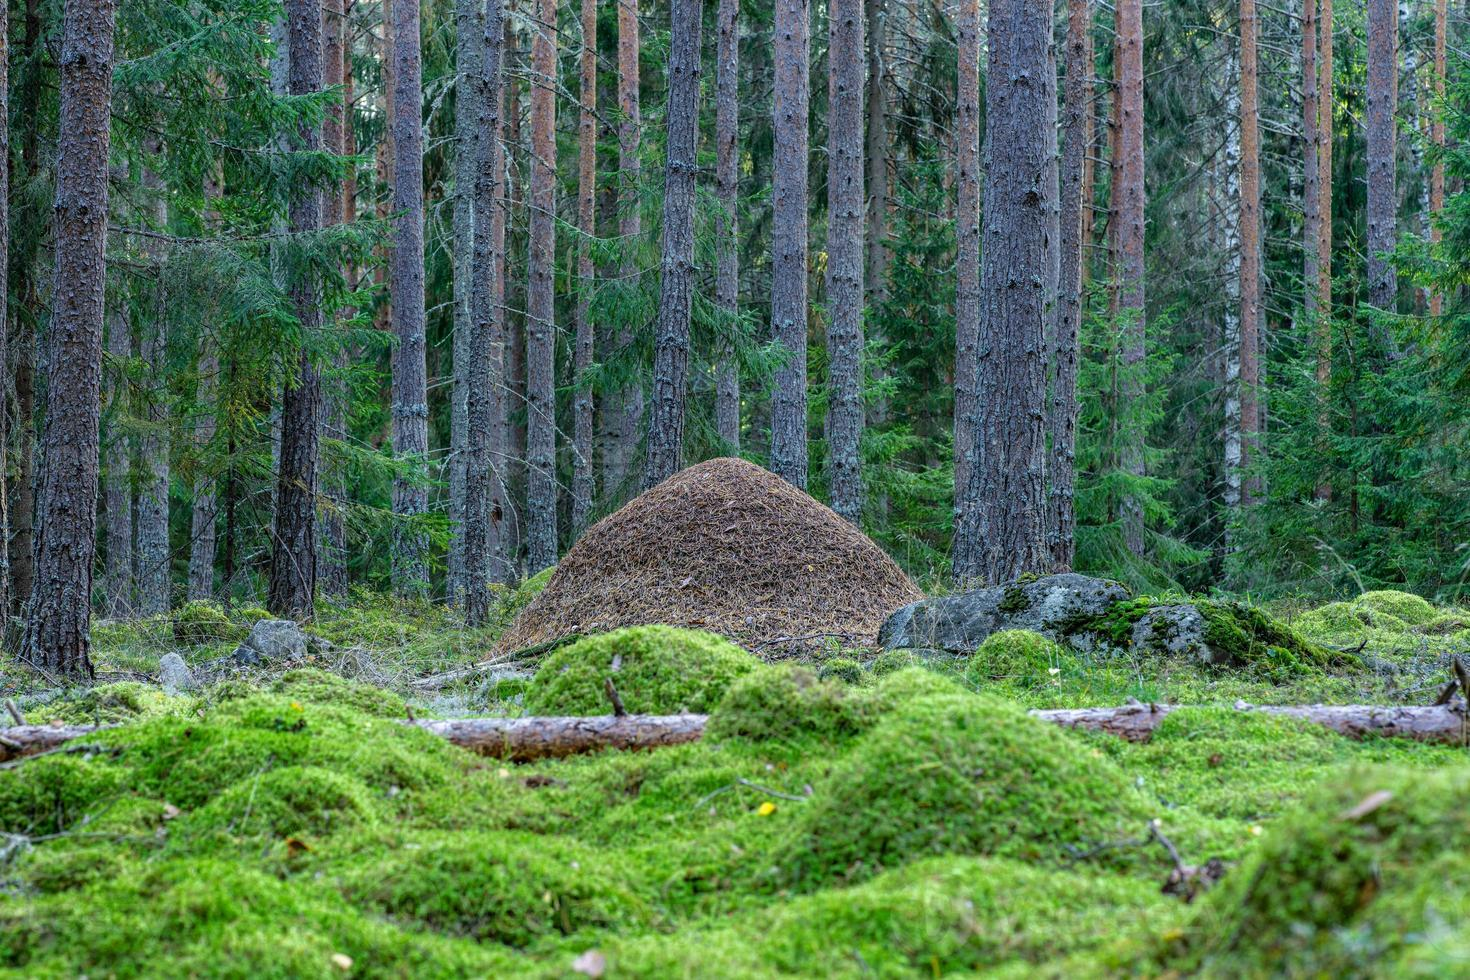 stor myrstack mitt i en tall- och granskog foto